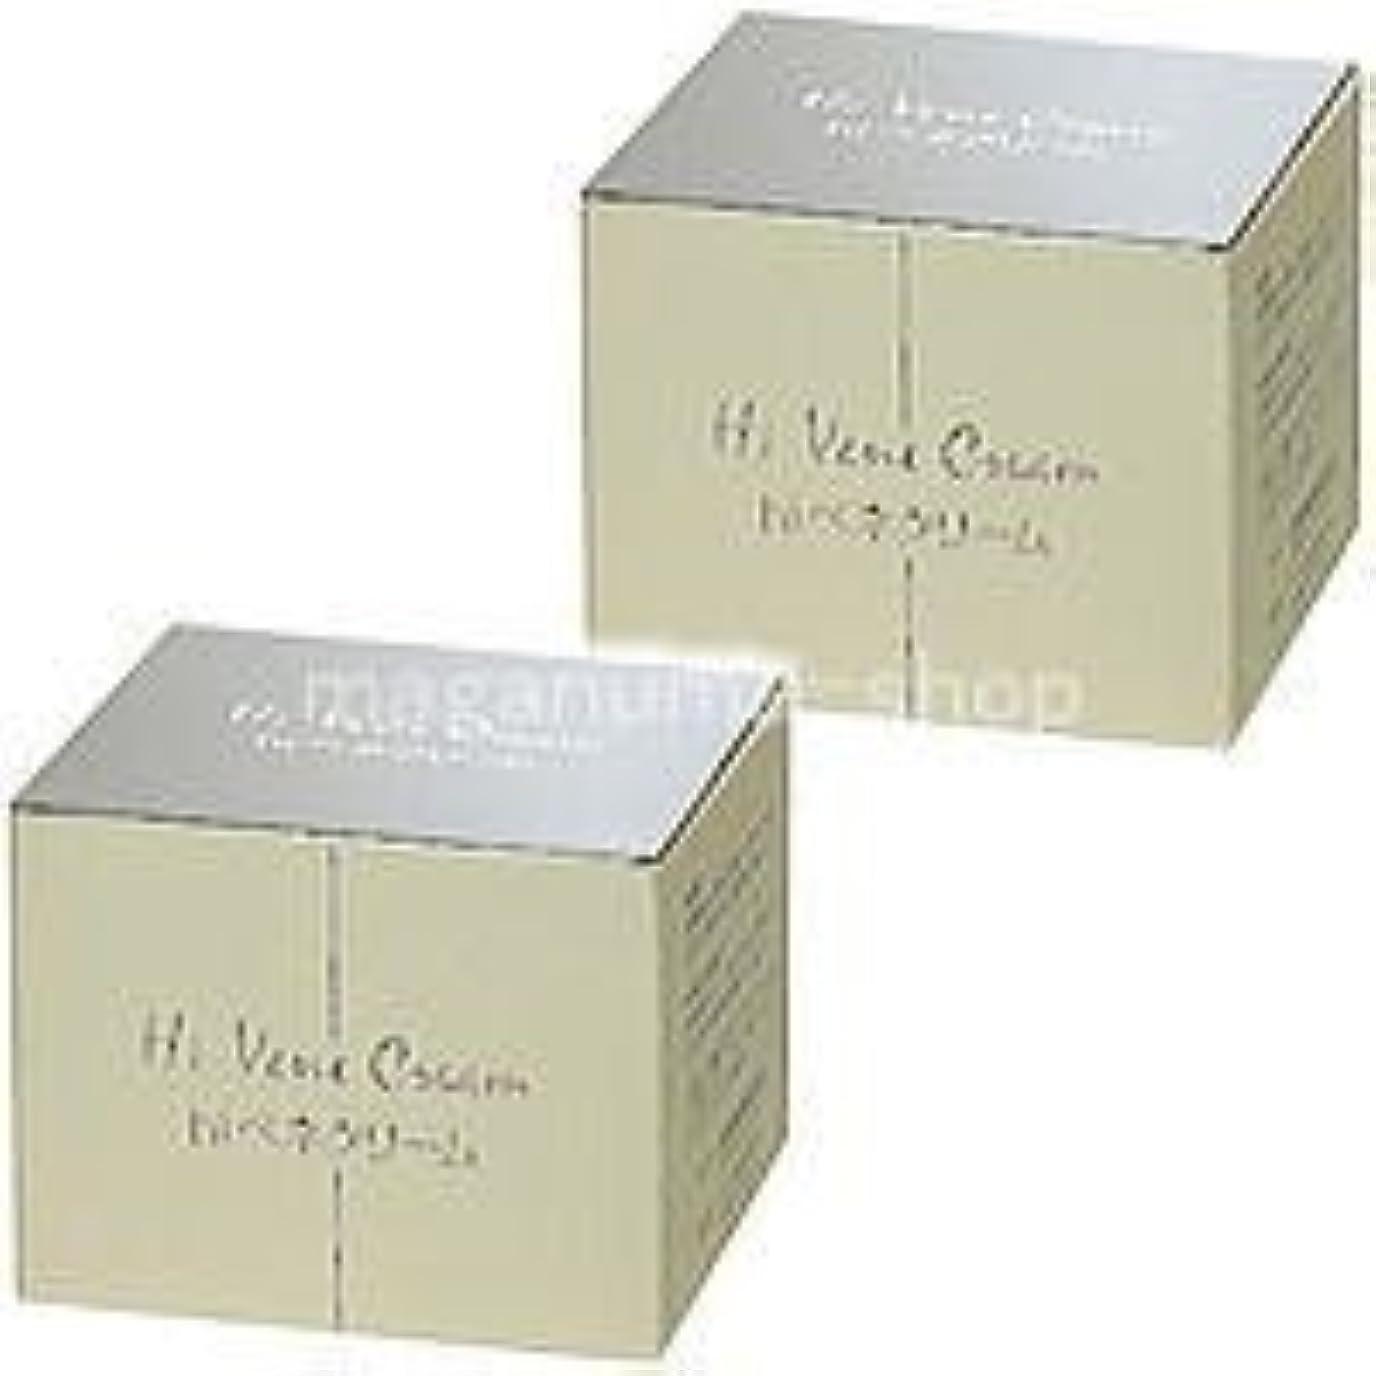 溶岩電気ブラザーサンケイ薬品 hiベネクリーム 2個 (ハイベネクリーム)